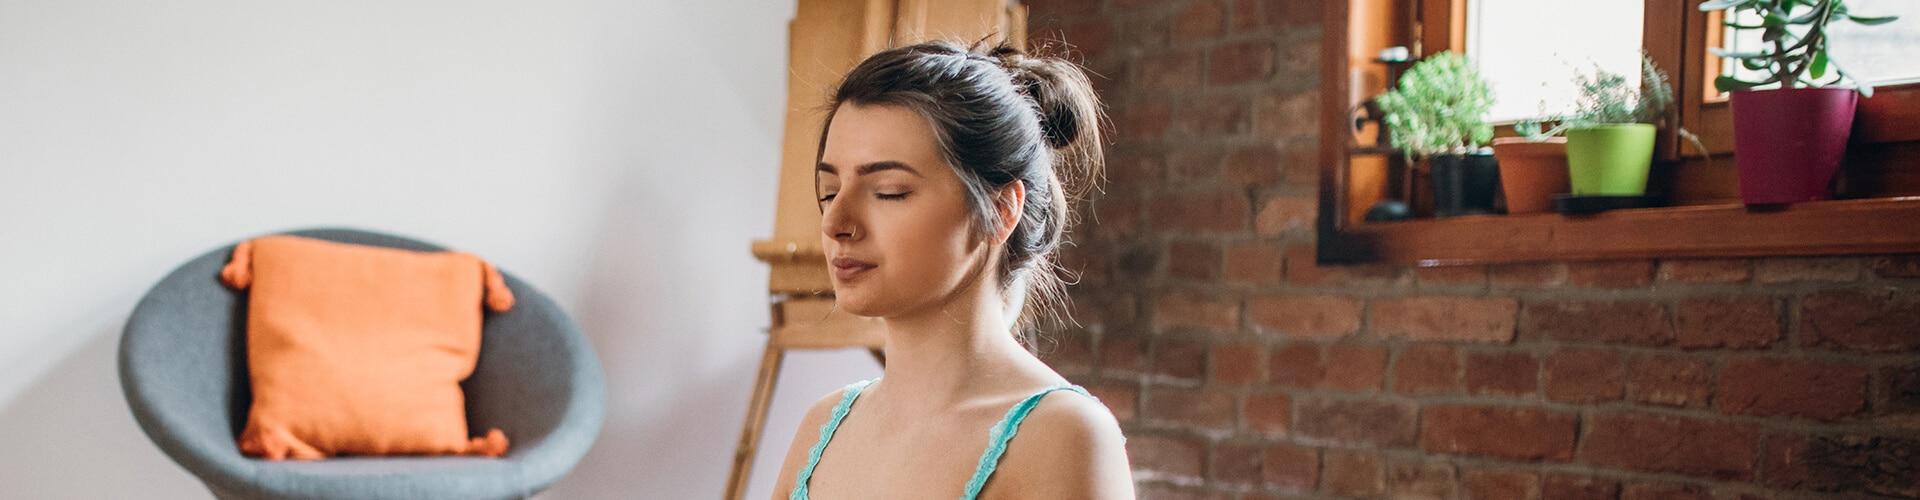 Para meditar, escolha um lugar onde você possa não ser interrompido por 10 minutos.